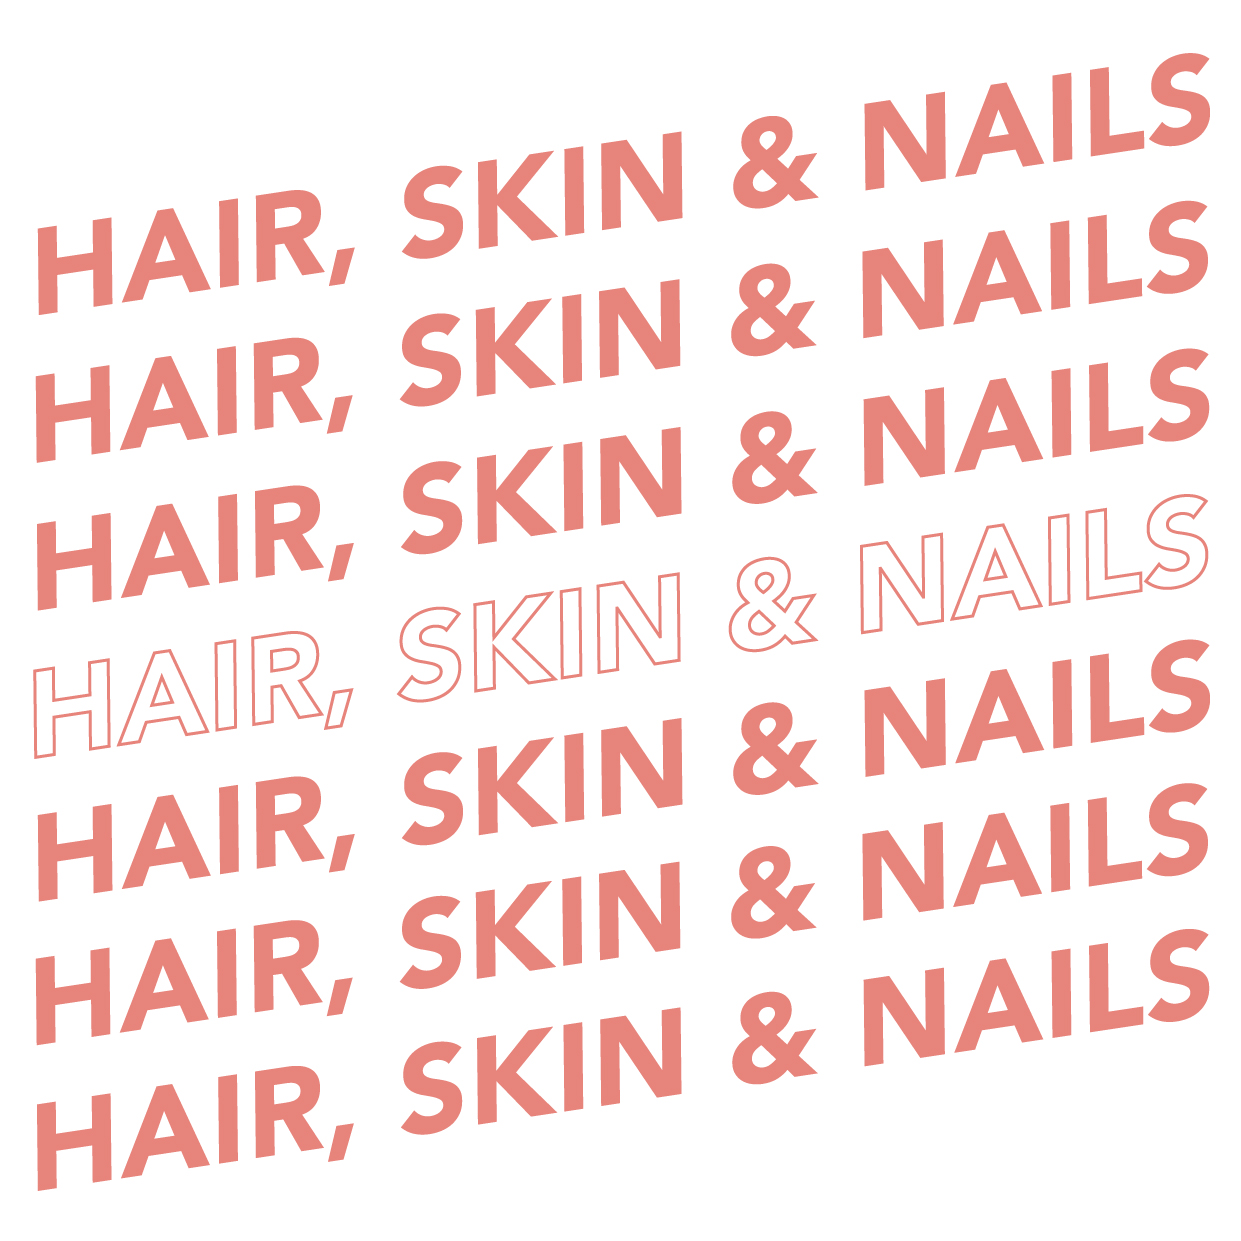 Hair, Skin, Nails-01.jpg